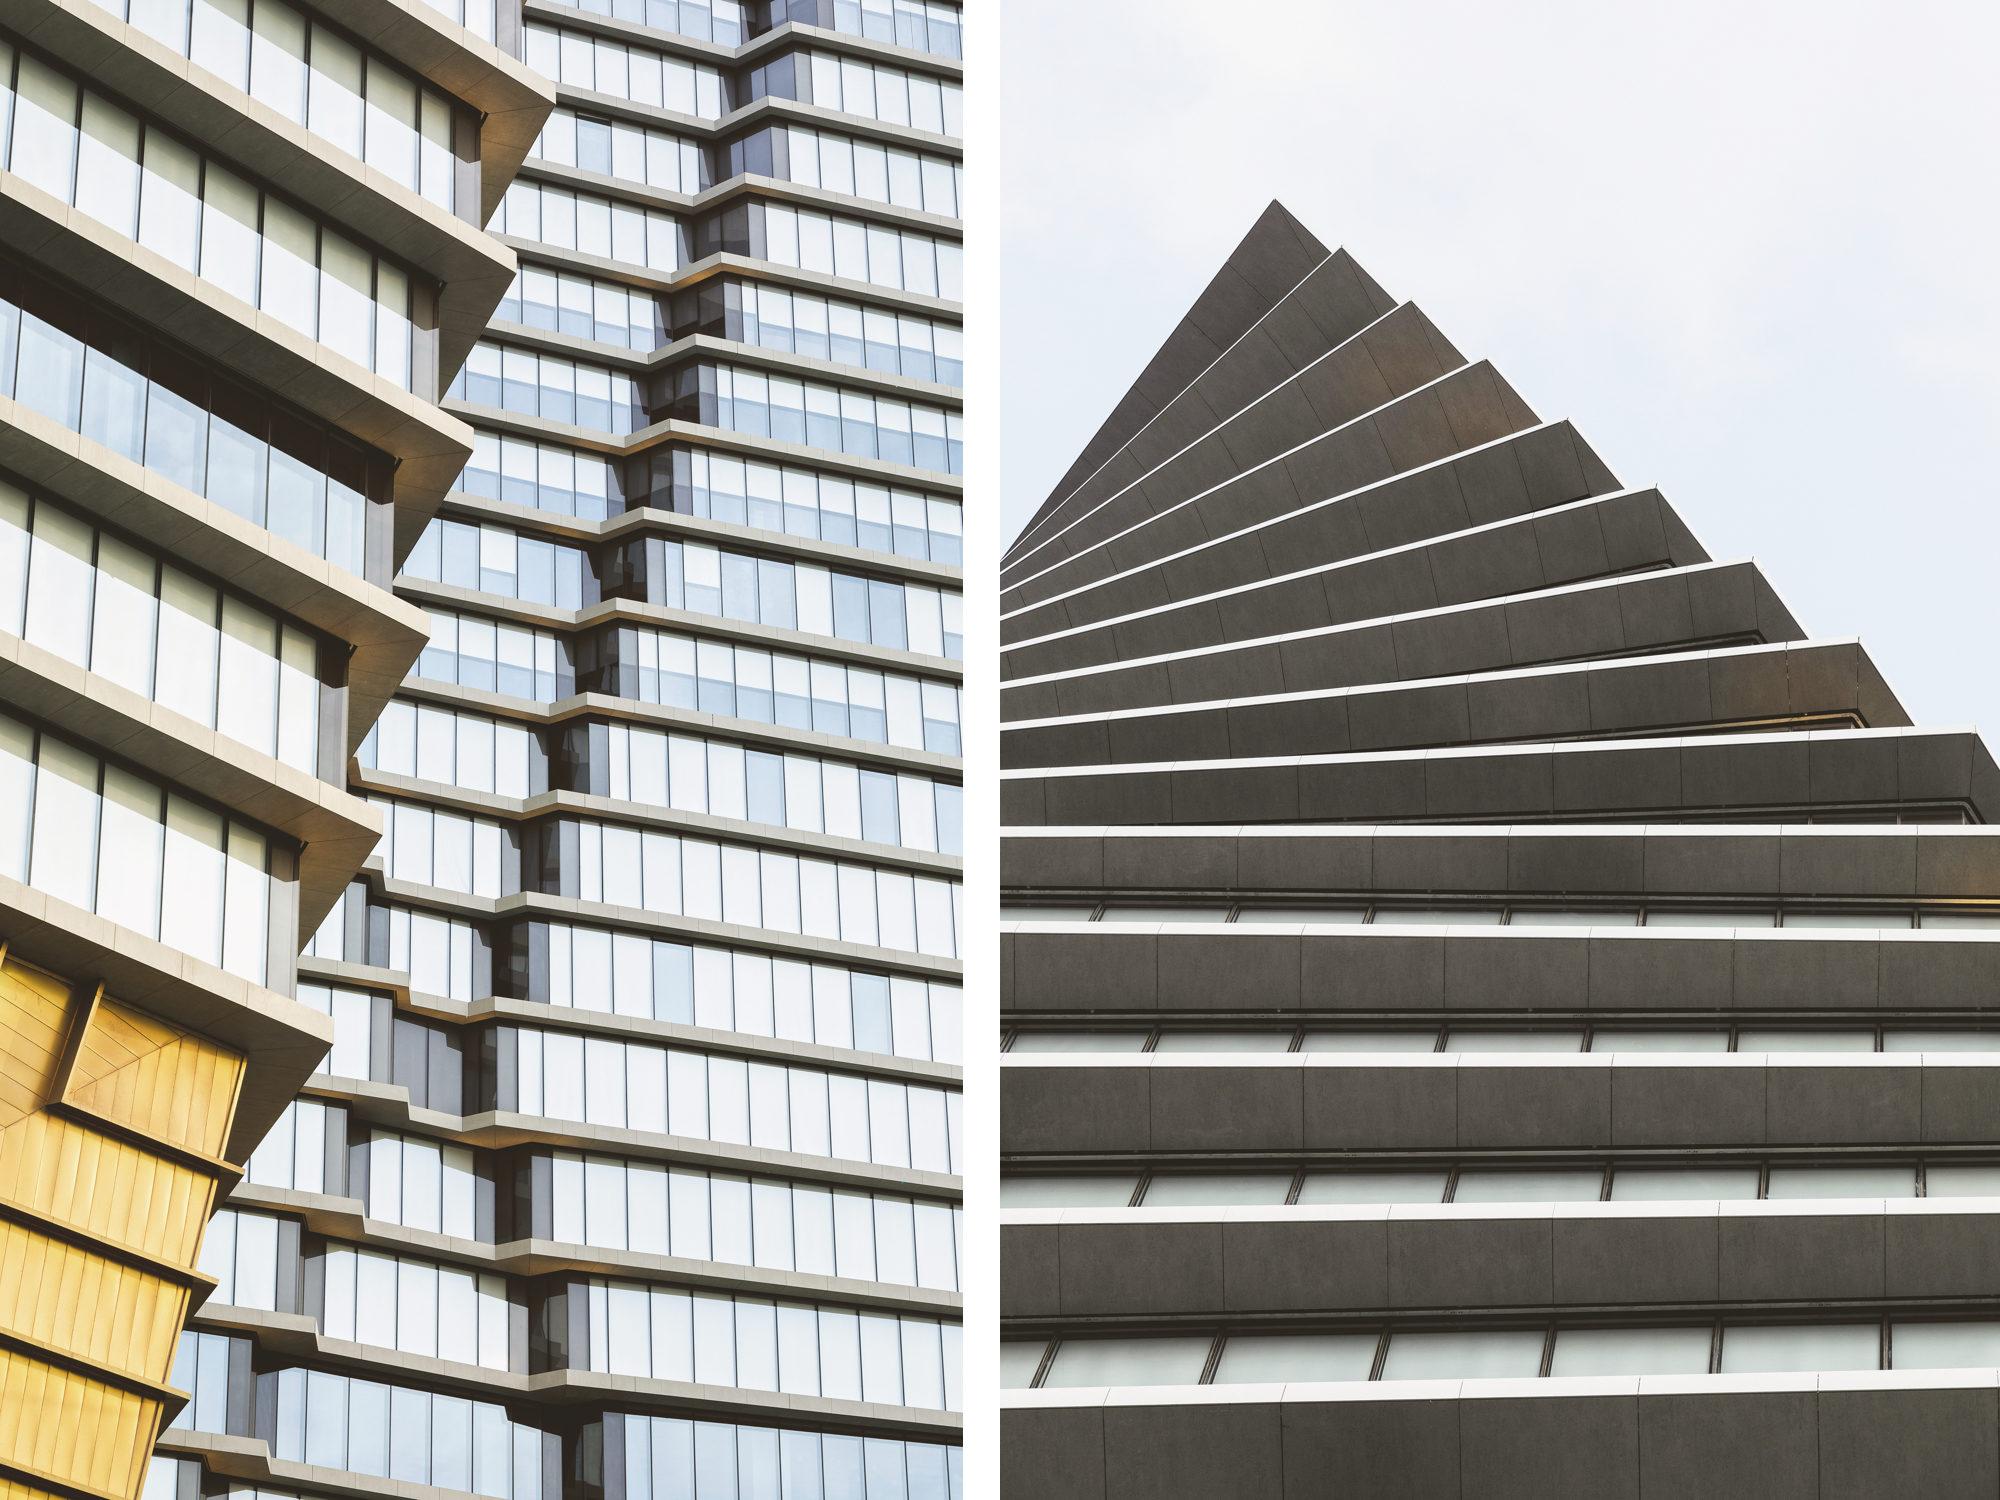 Tour ToHa à Tel-Aviv (Israël), de l'architecte Ron Arad